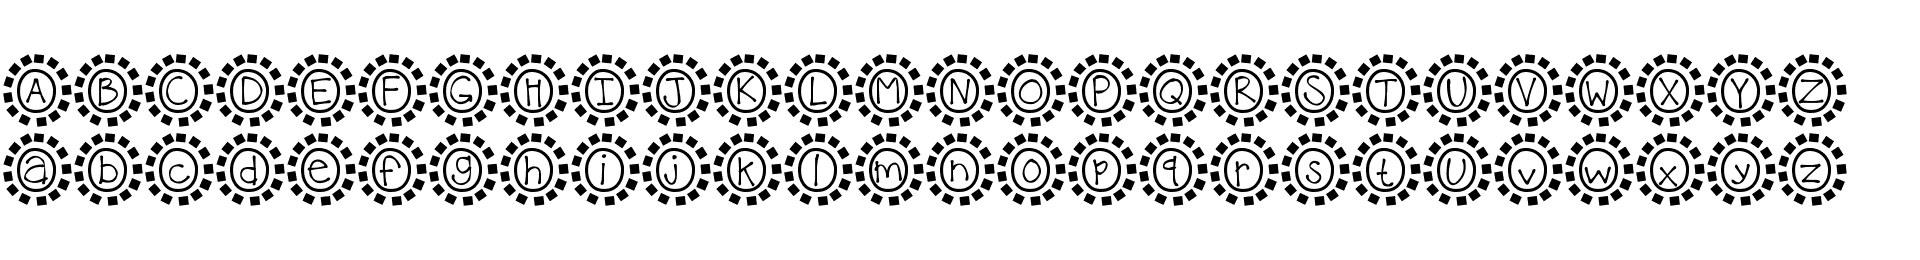 KBMosaic